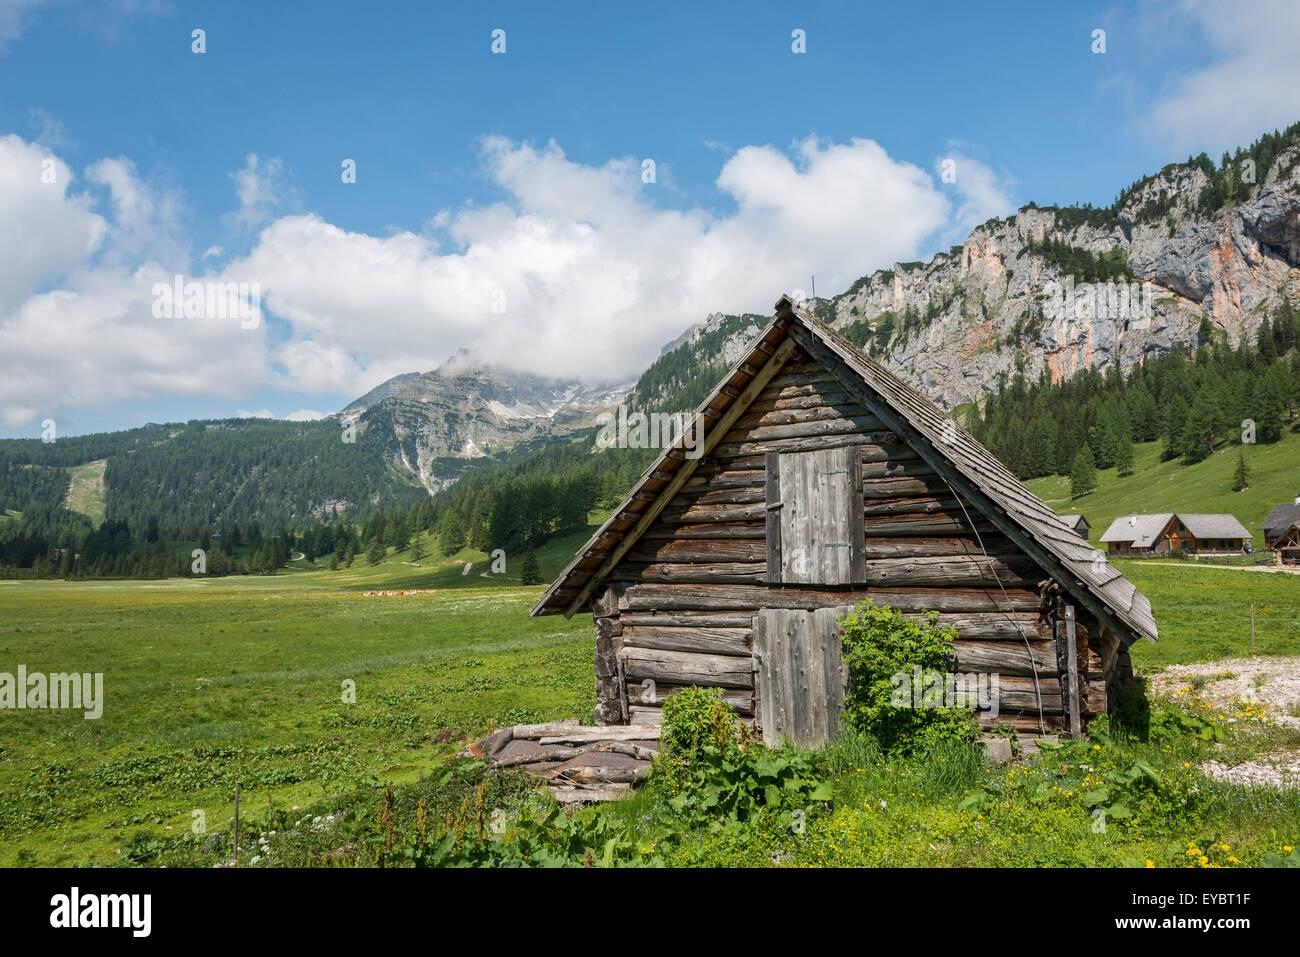 Alpine cabin, Wurzeralm, Austria Stock Photo